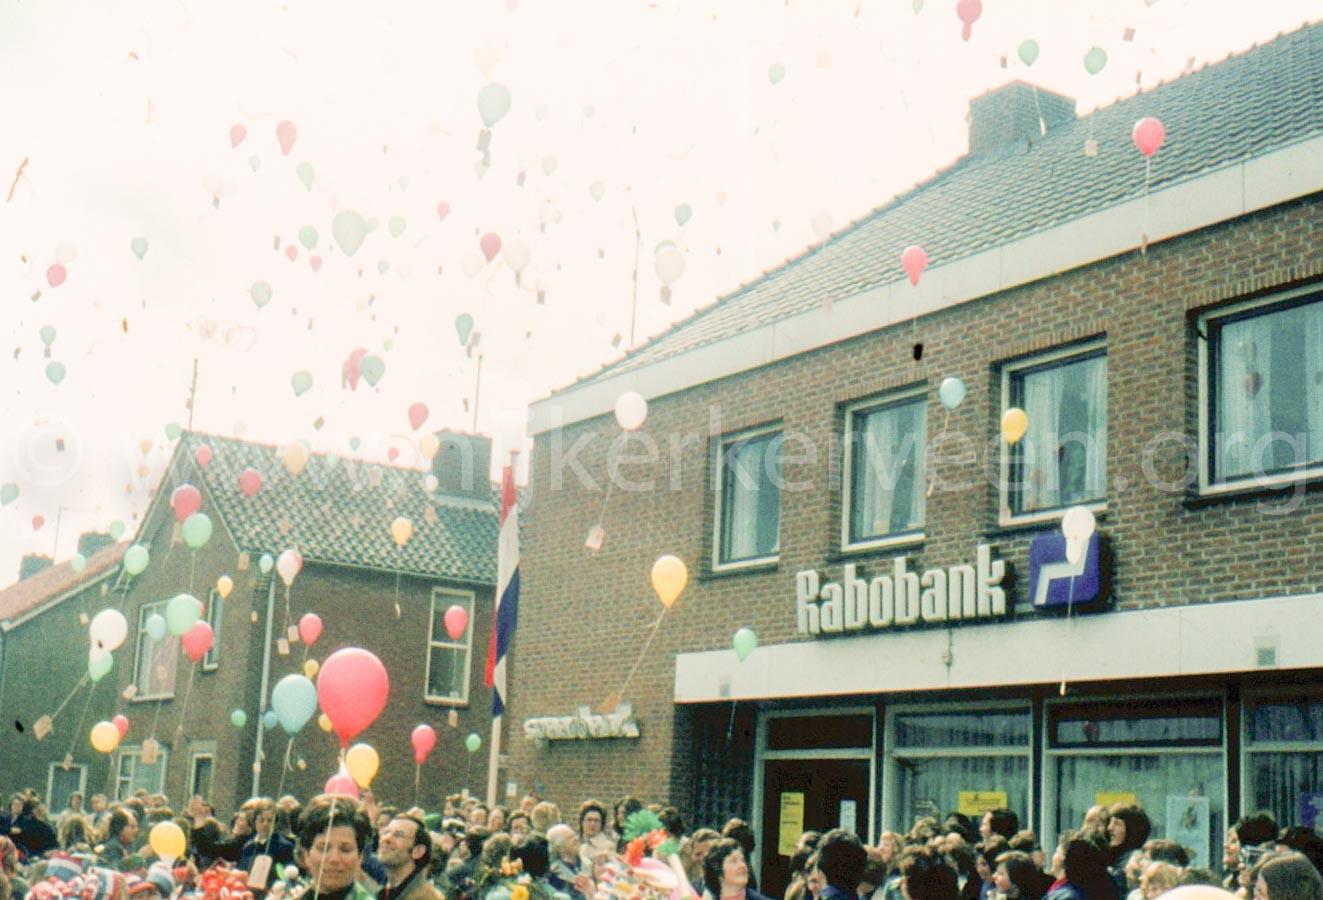 Koninginnedag in Nijkerkerveen-2